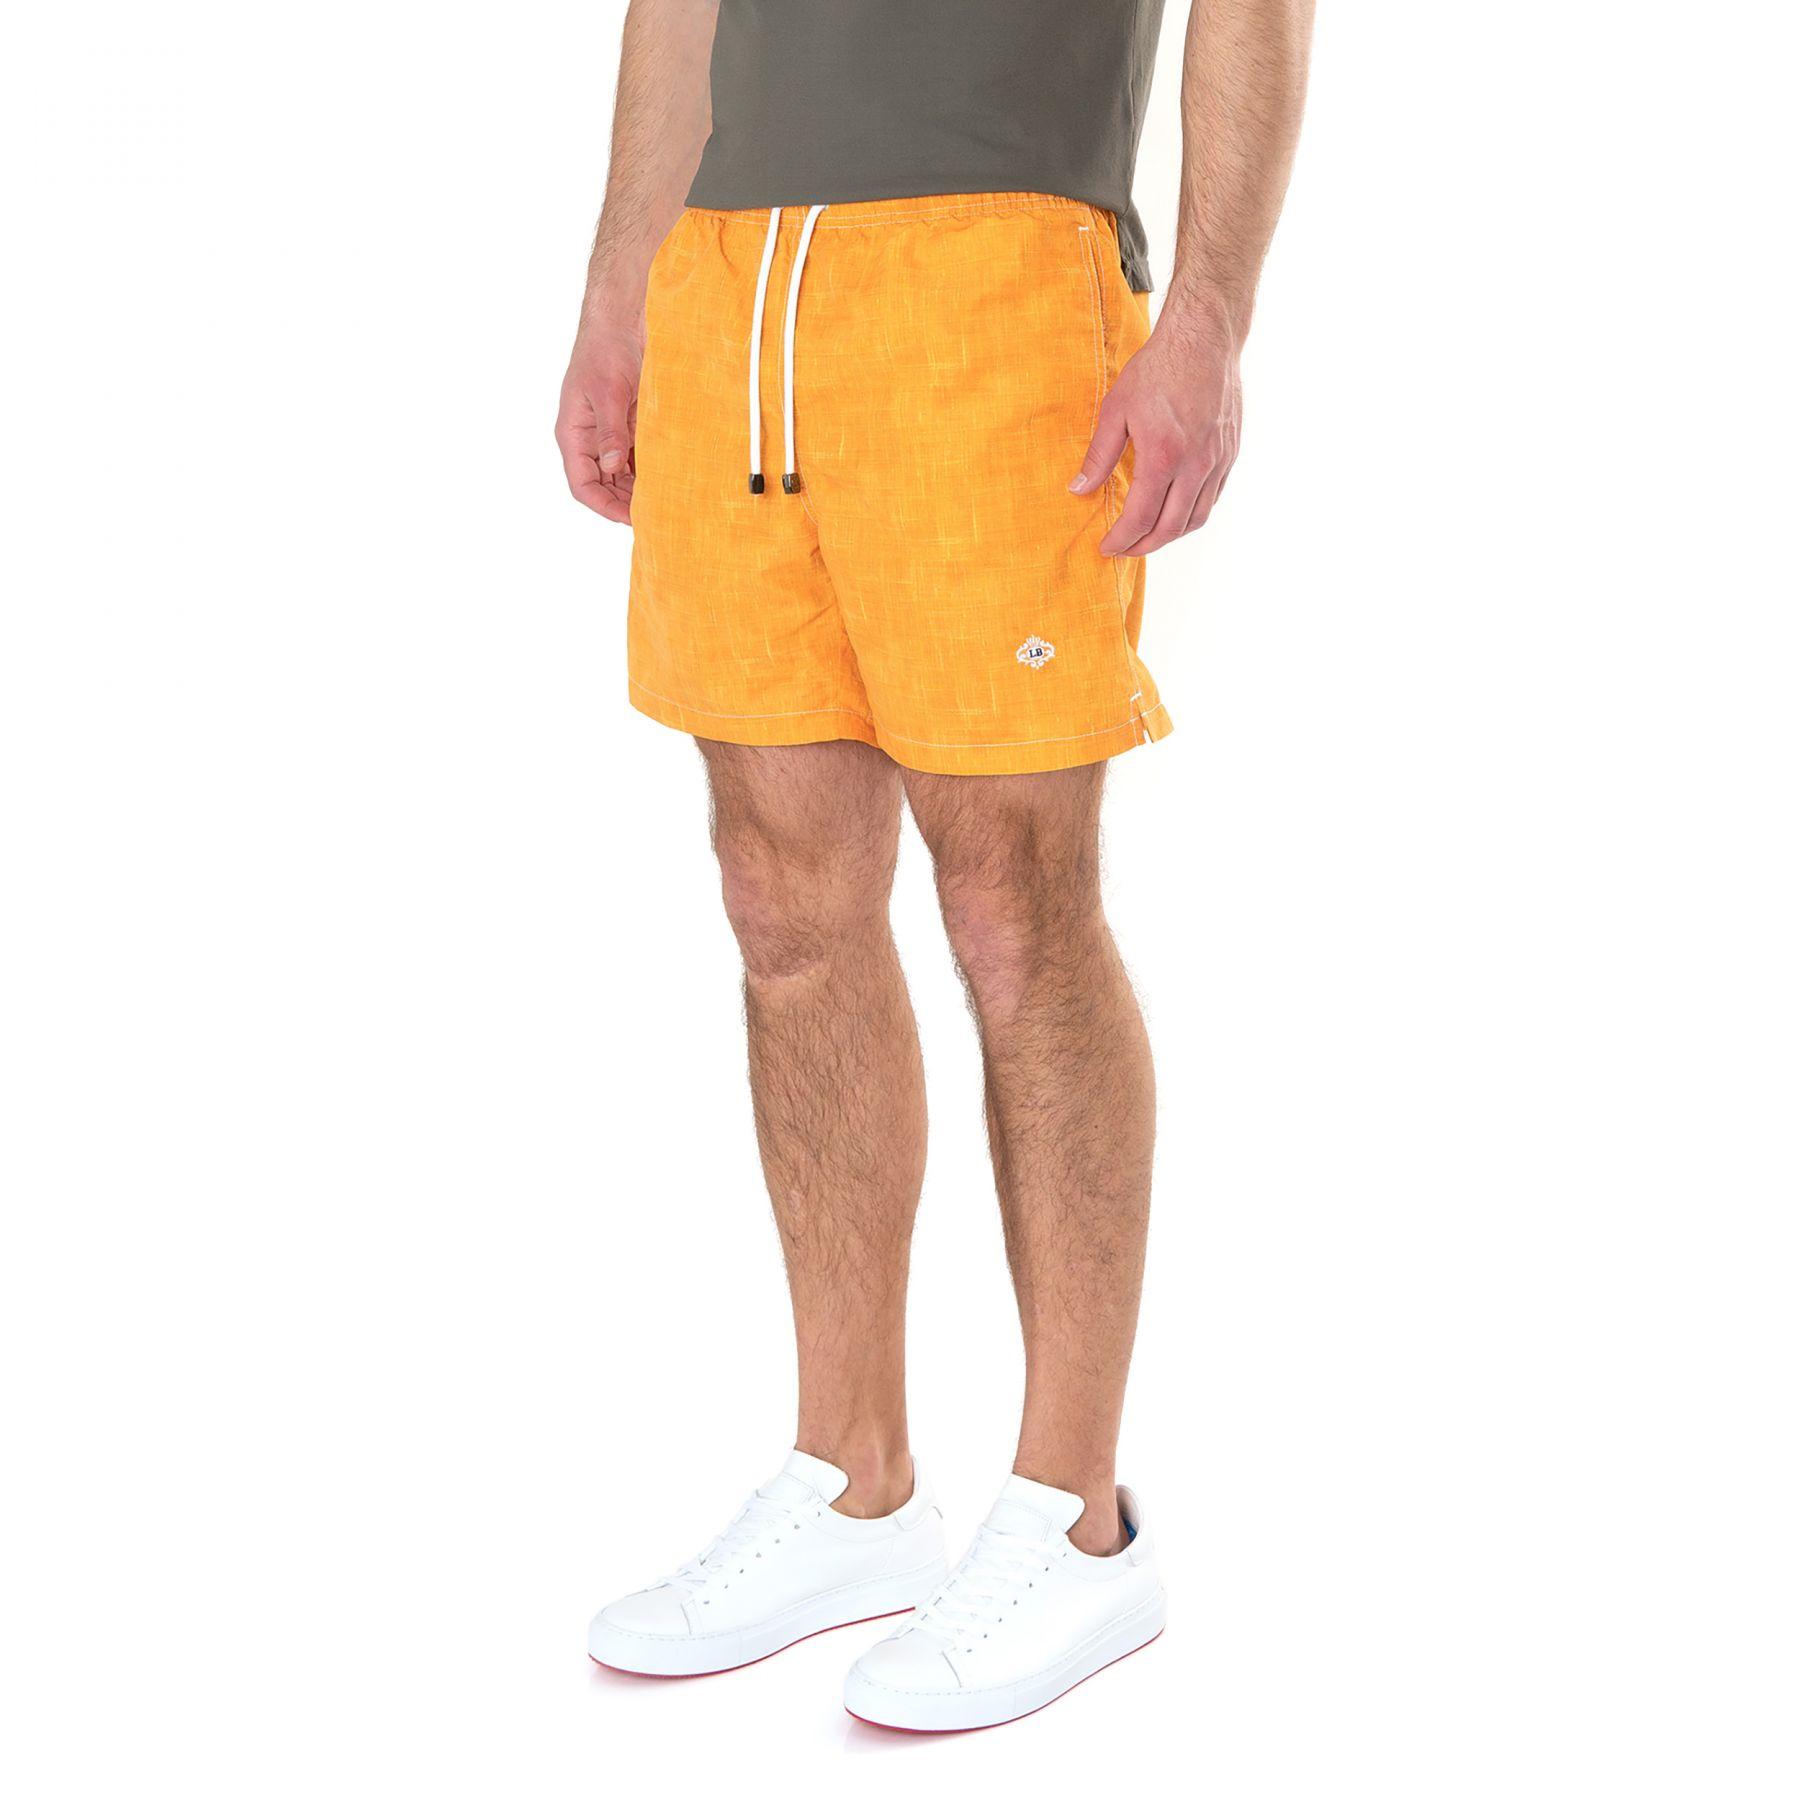 Шорты для плавания Luigi Borrelli оранжевые